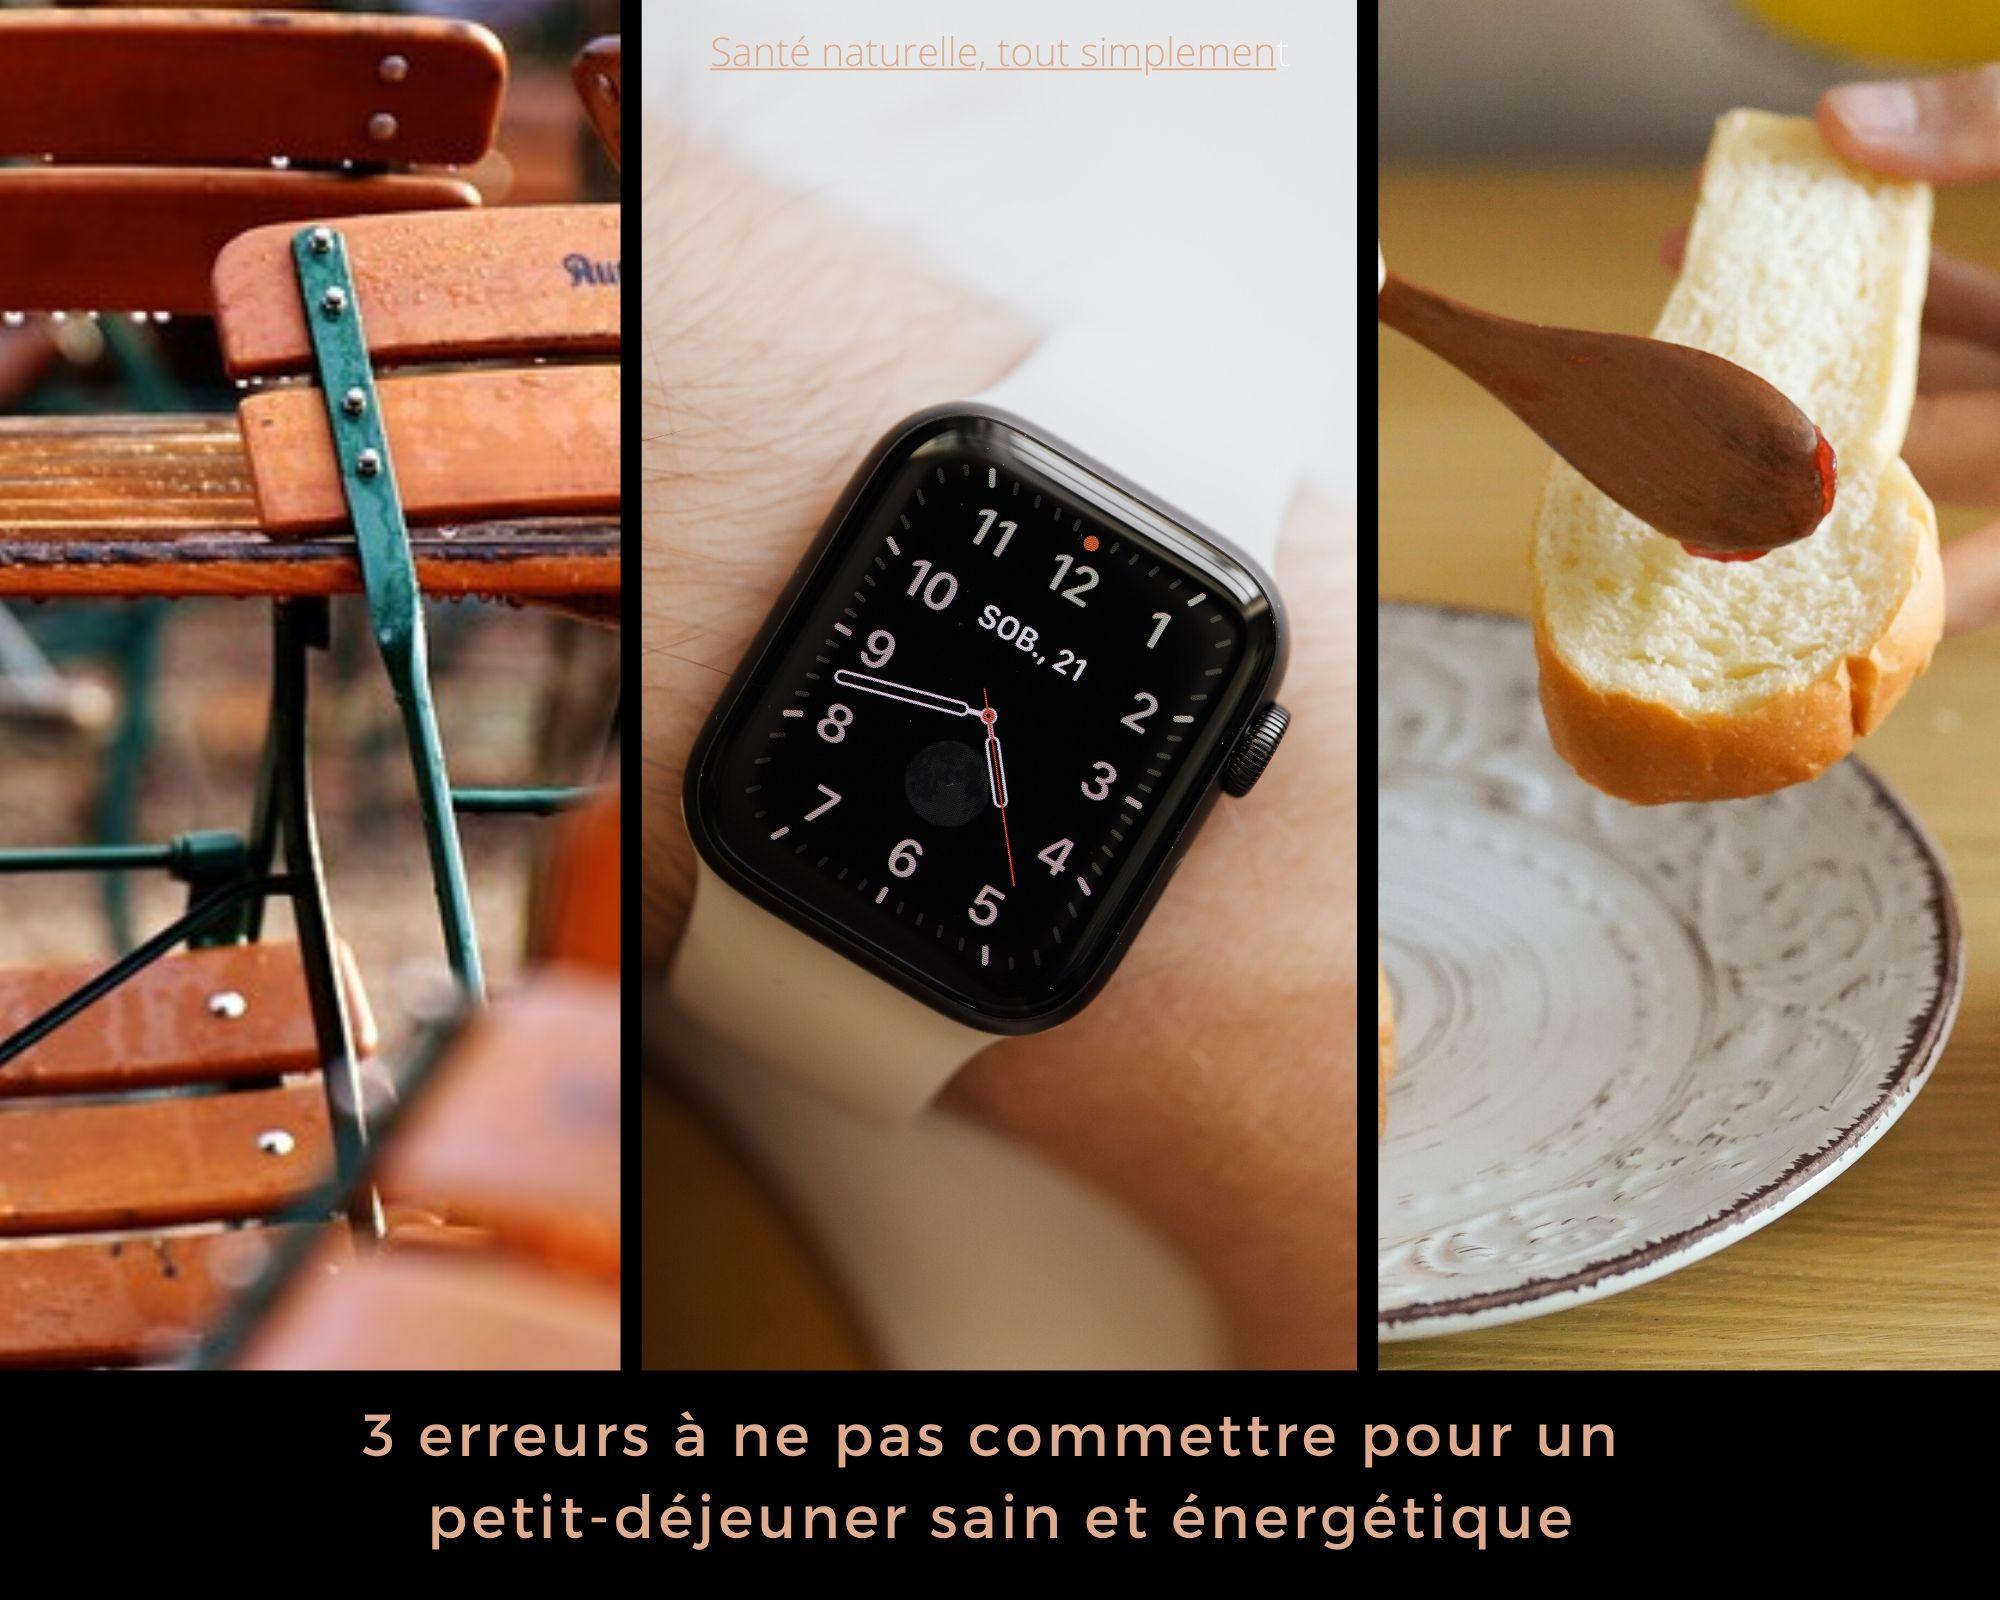 Petit-déjeuner sain et énergétique : 3 erreurs à ne pas commettre